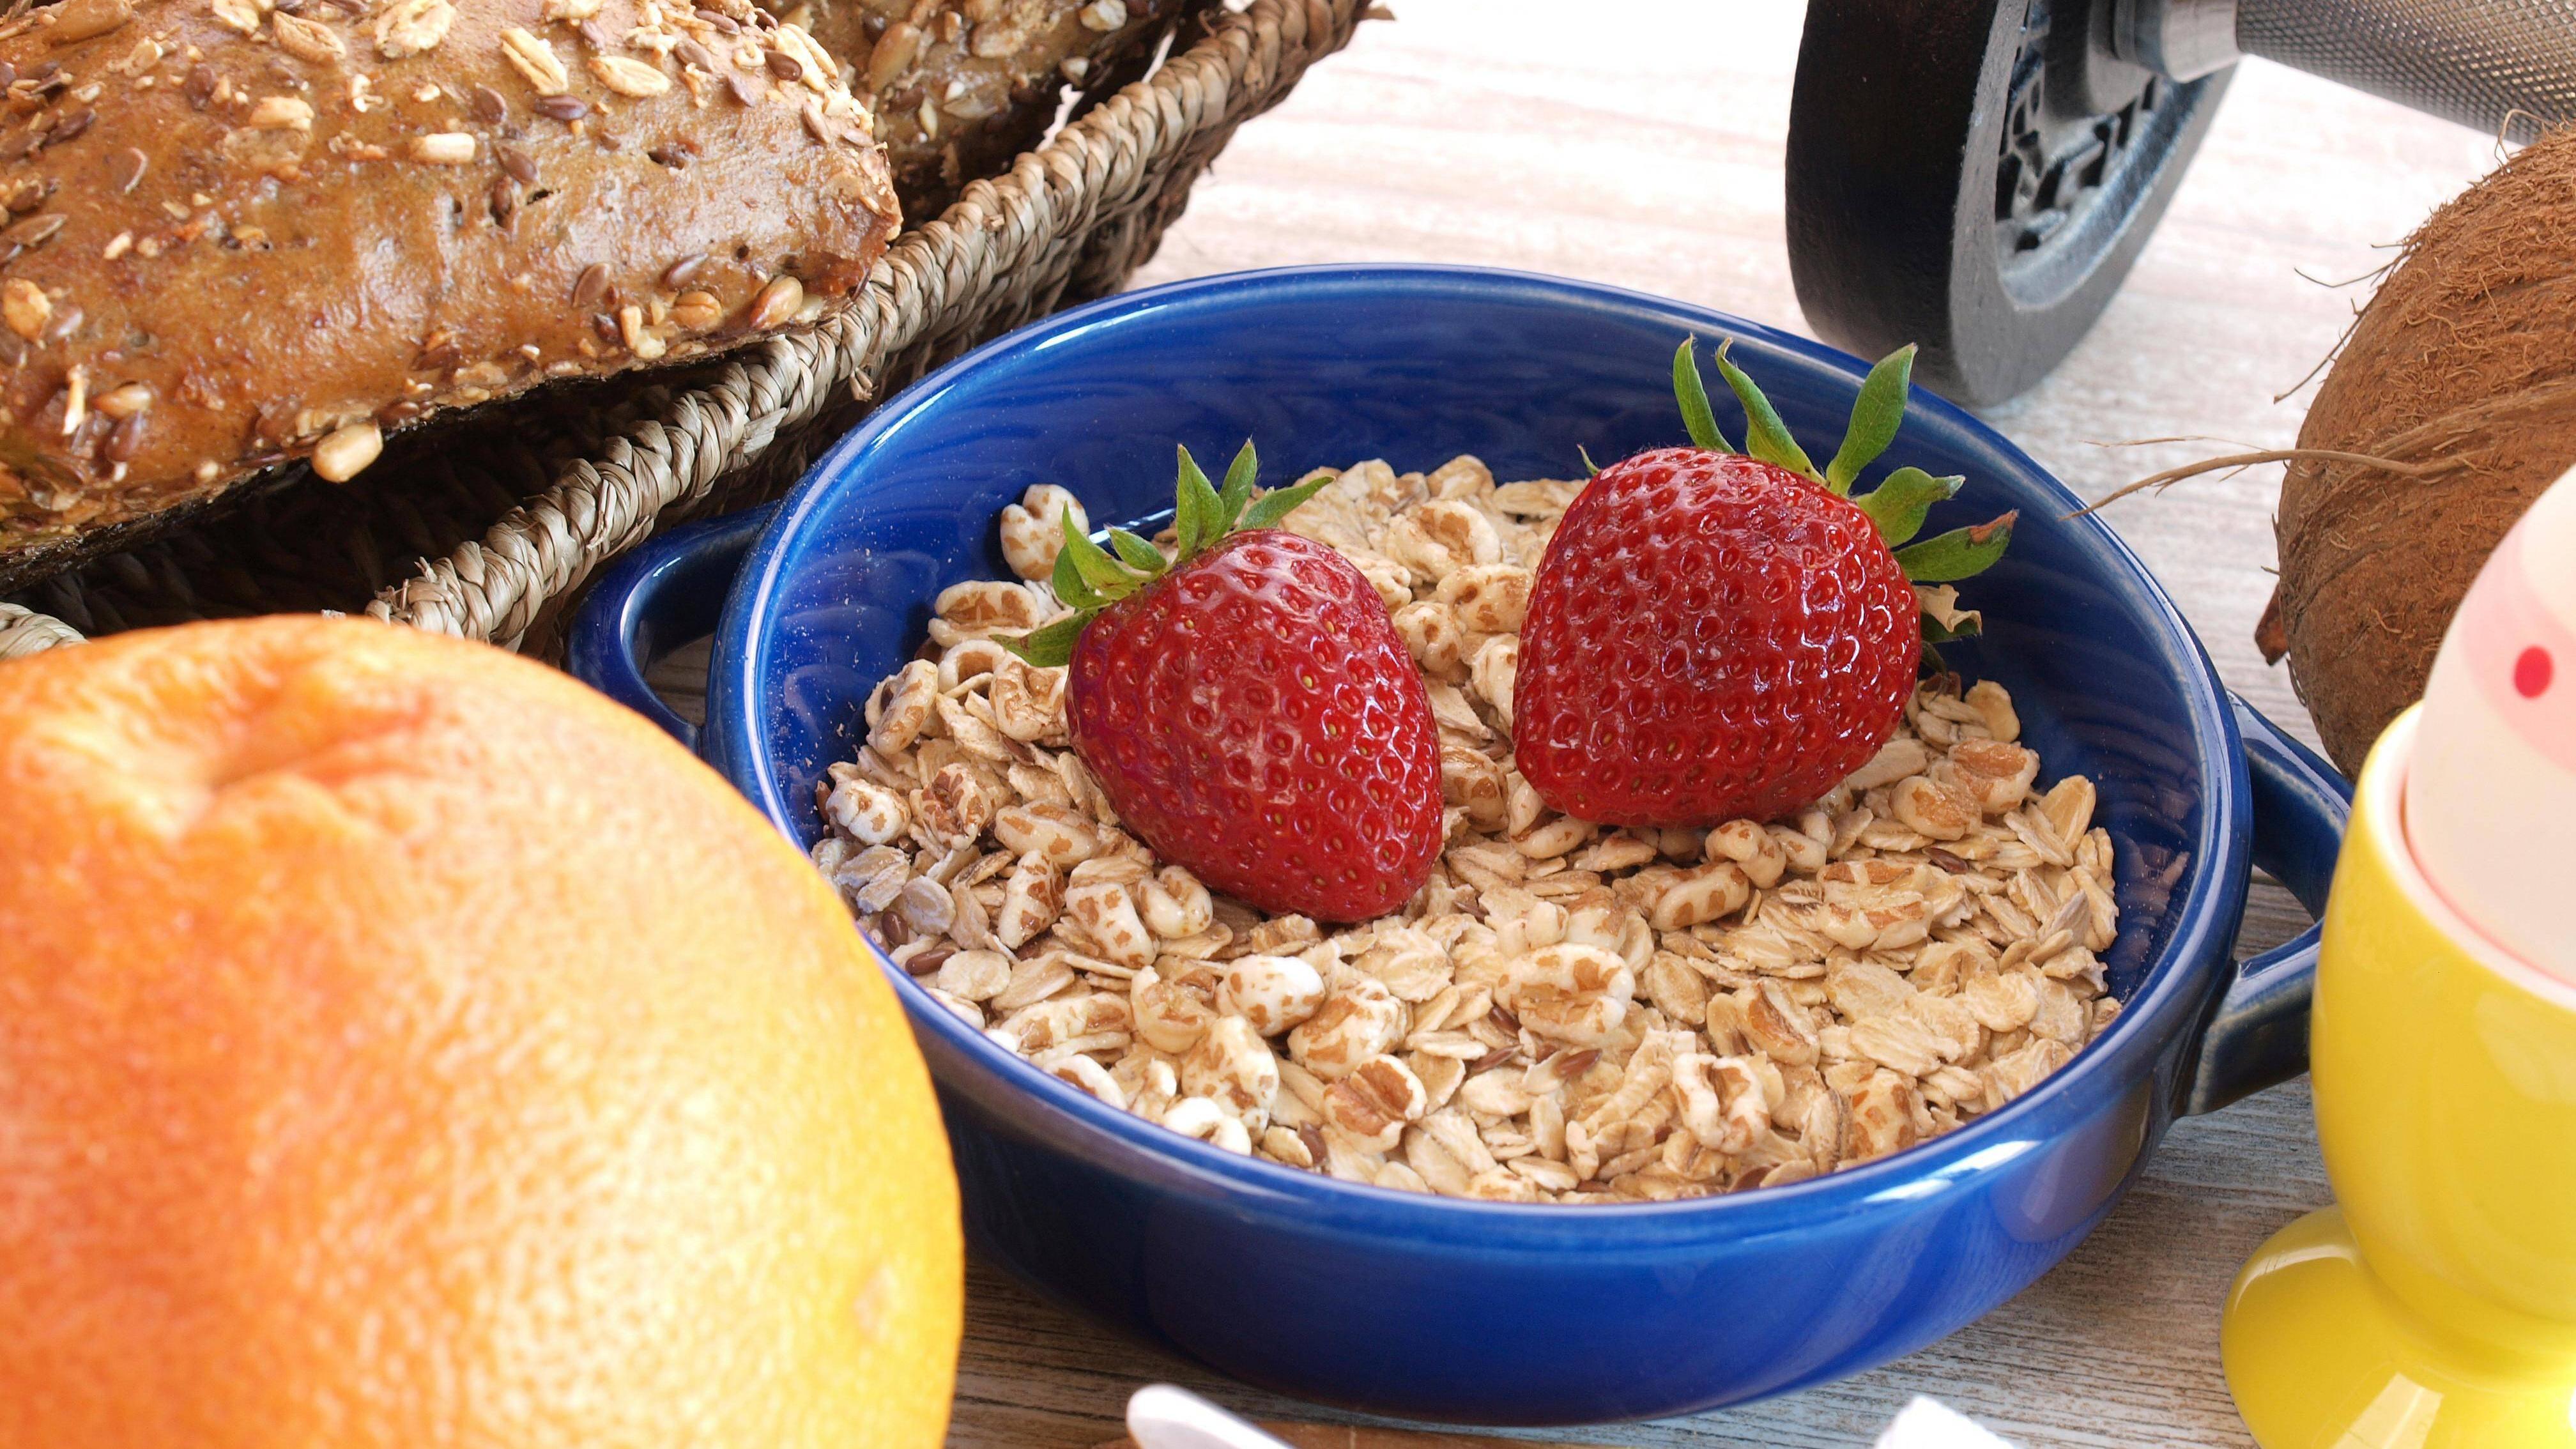 Nehmen Sie ein gesundes Frühstück zu sich, um energiegeladen in den Tag und das Sportprogramm zu starten.